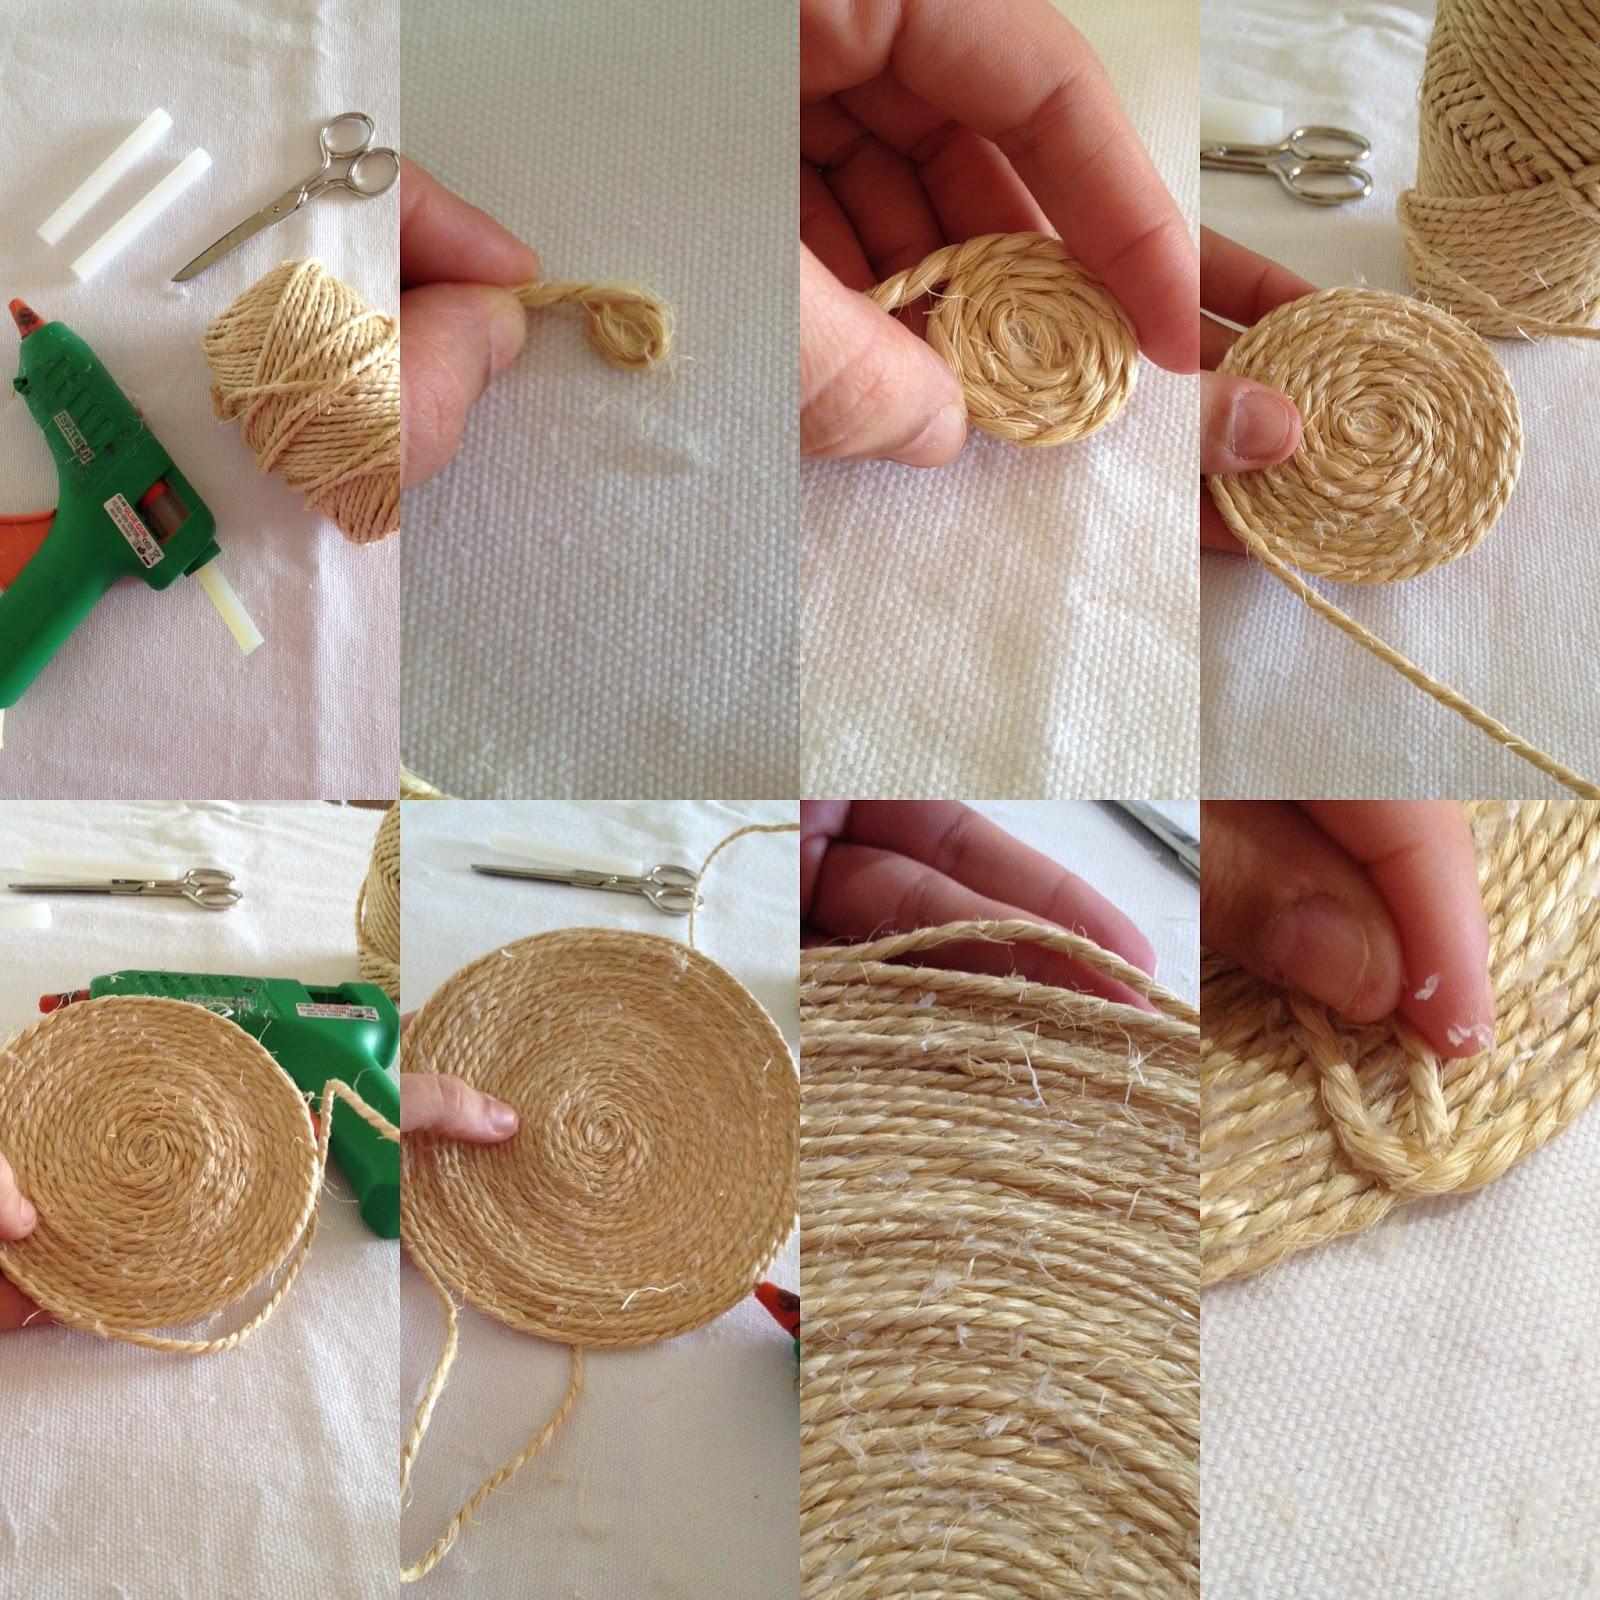 Diymaniacas noviembre diy con cuerdas - Decoracion con cuerdas ...